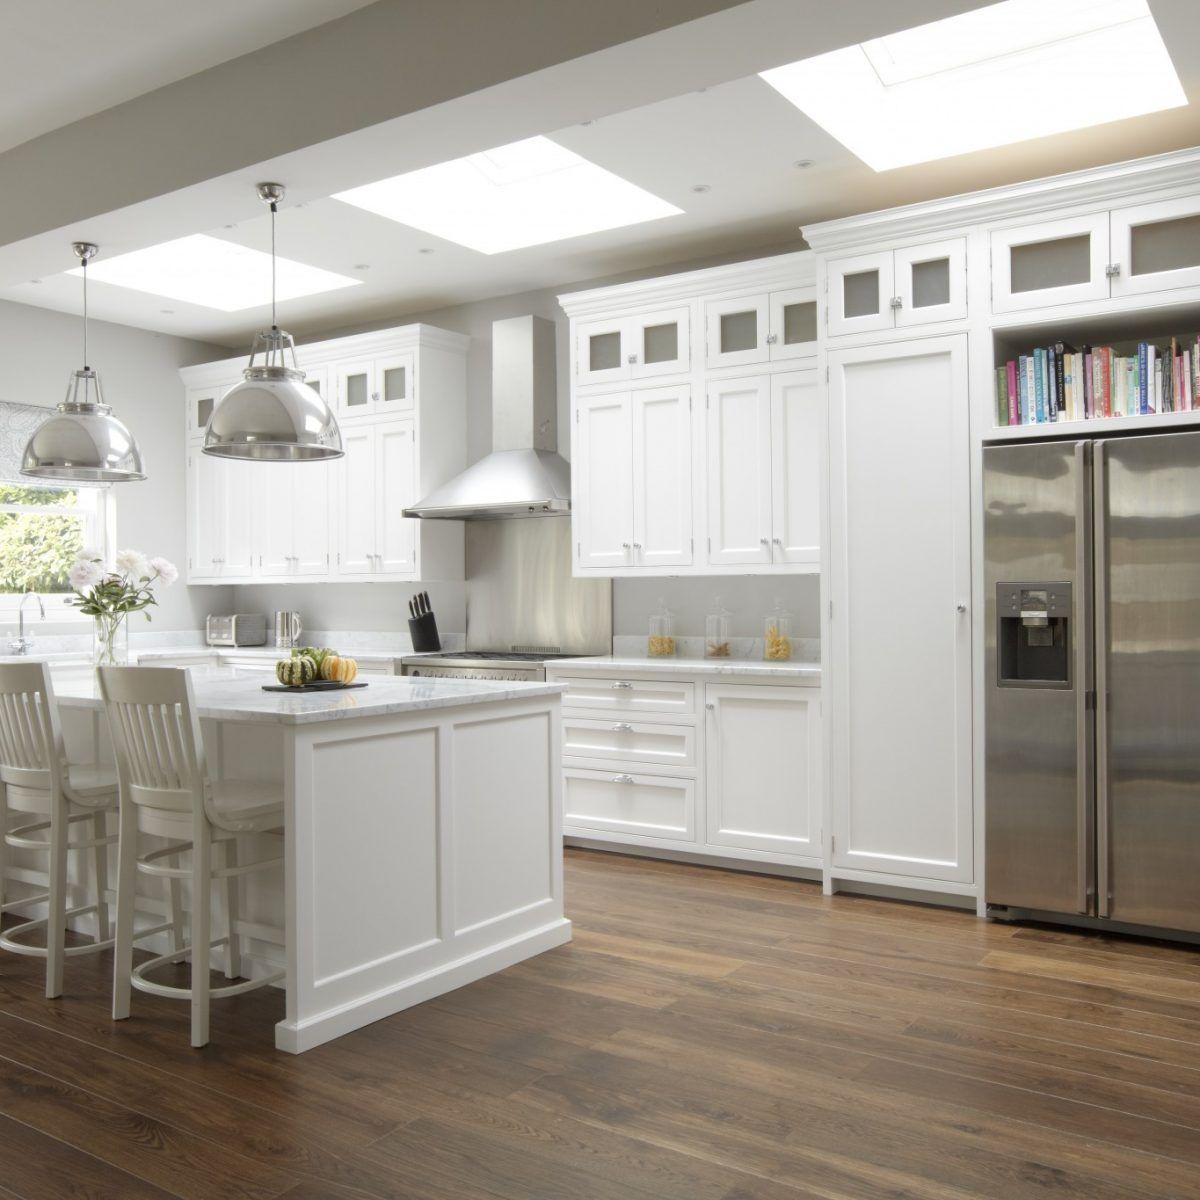 k che american style amerikanische k hlschr nke retro frisch amerikanische k chen retro. Black Bedroom Furniture Sets. Home Design Ideas